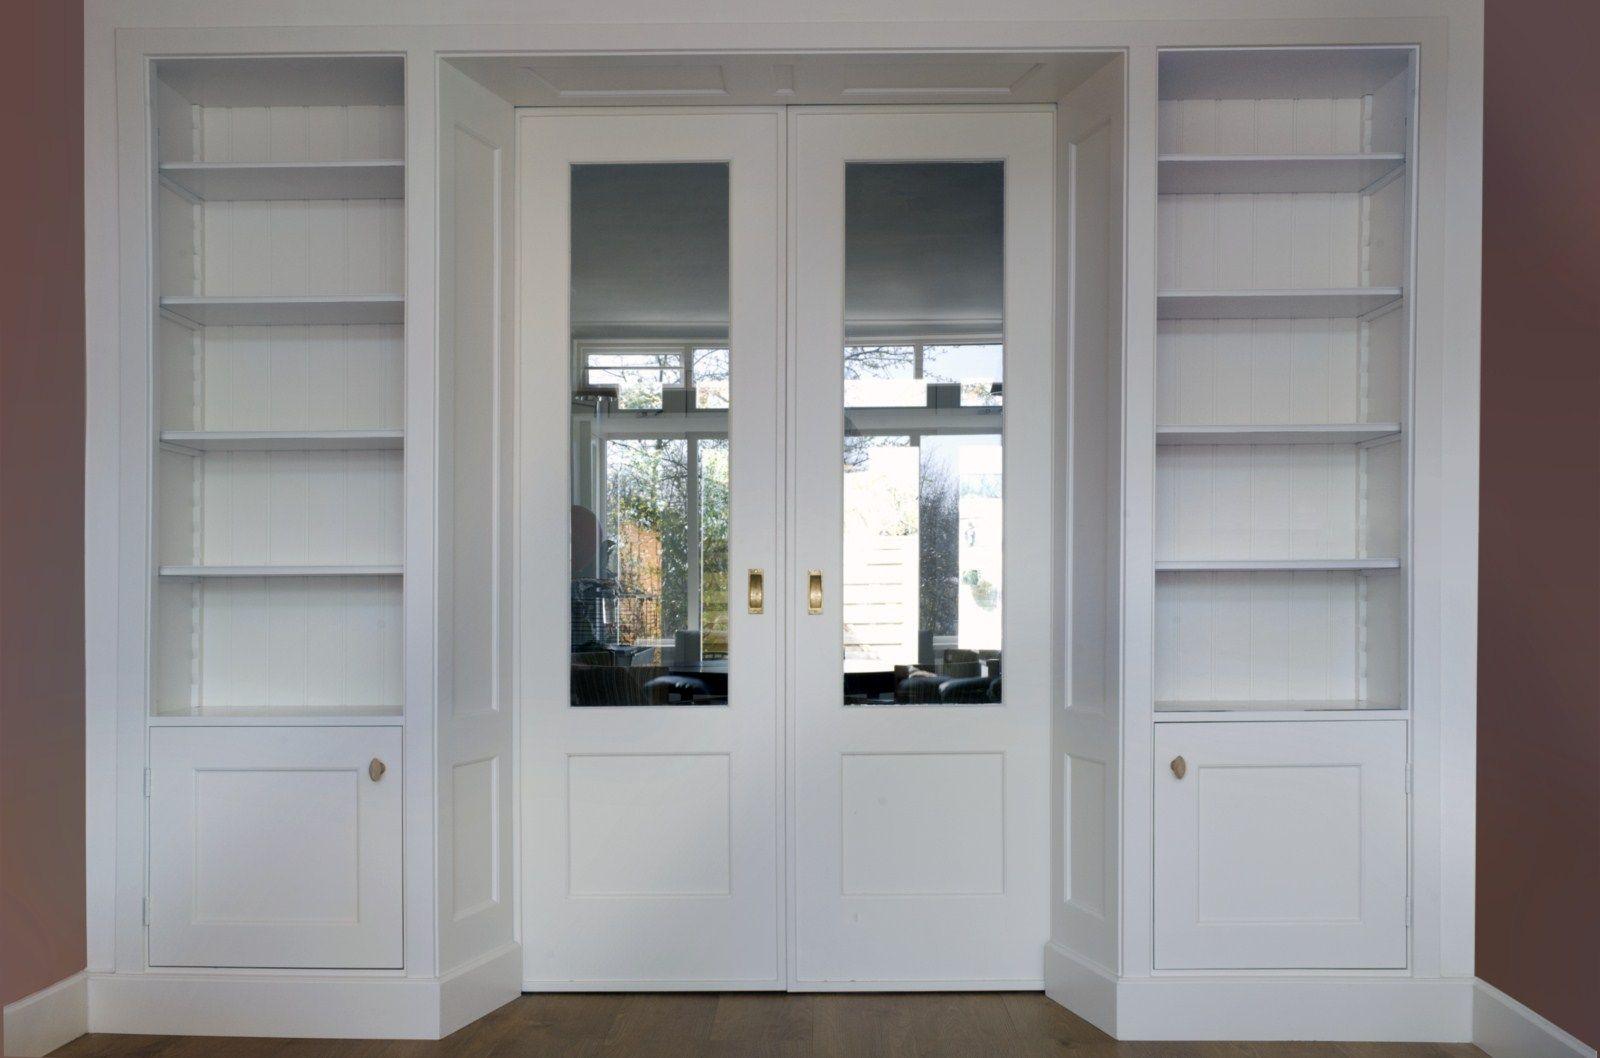 Jaren 39 30 stijl kamer en suite tussenwand pinterest for Jaren 30 stijl interieur